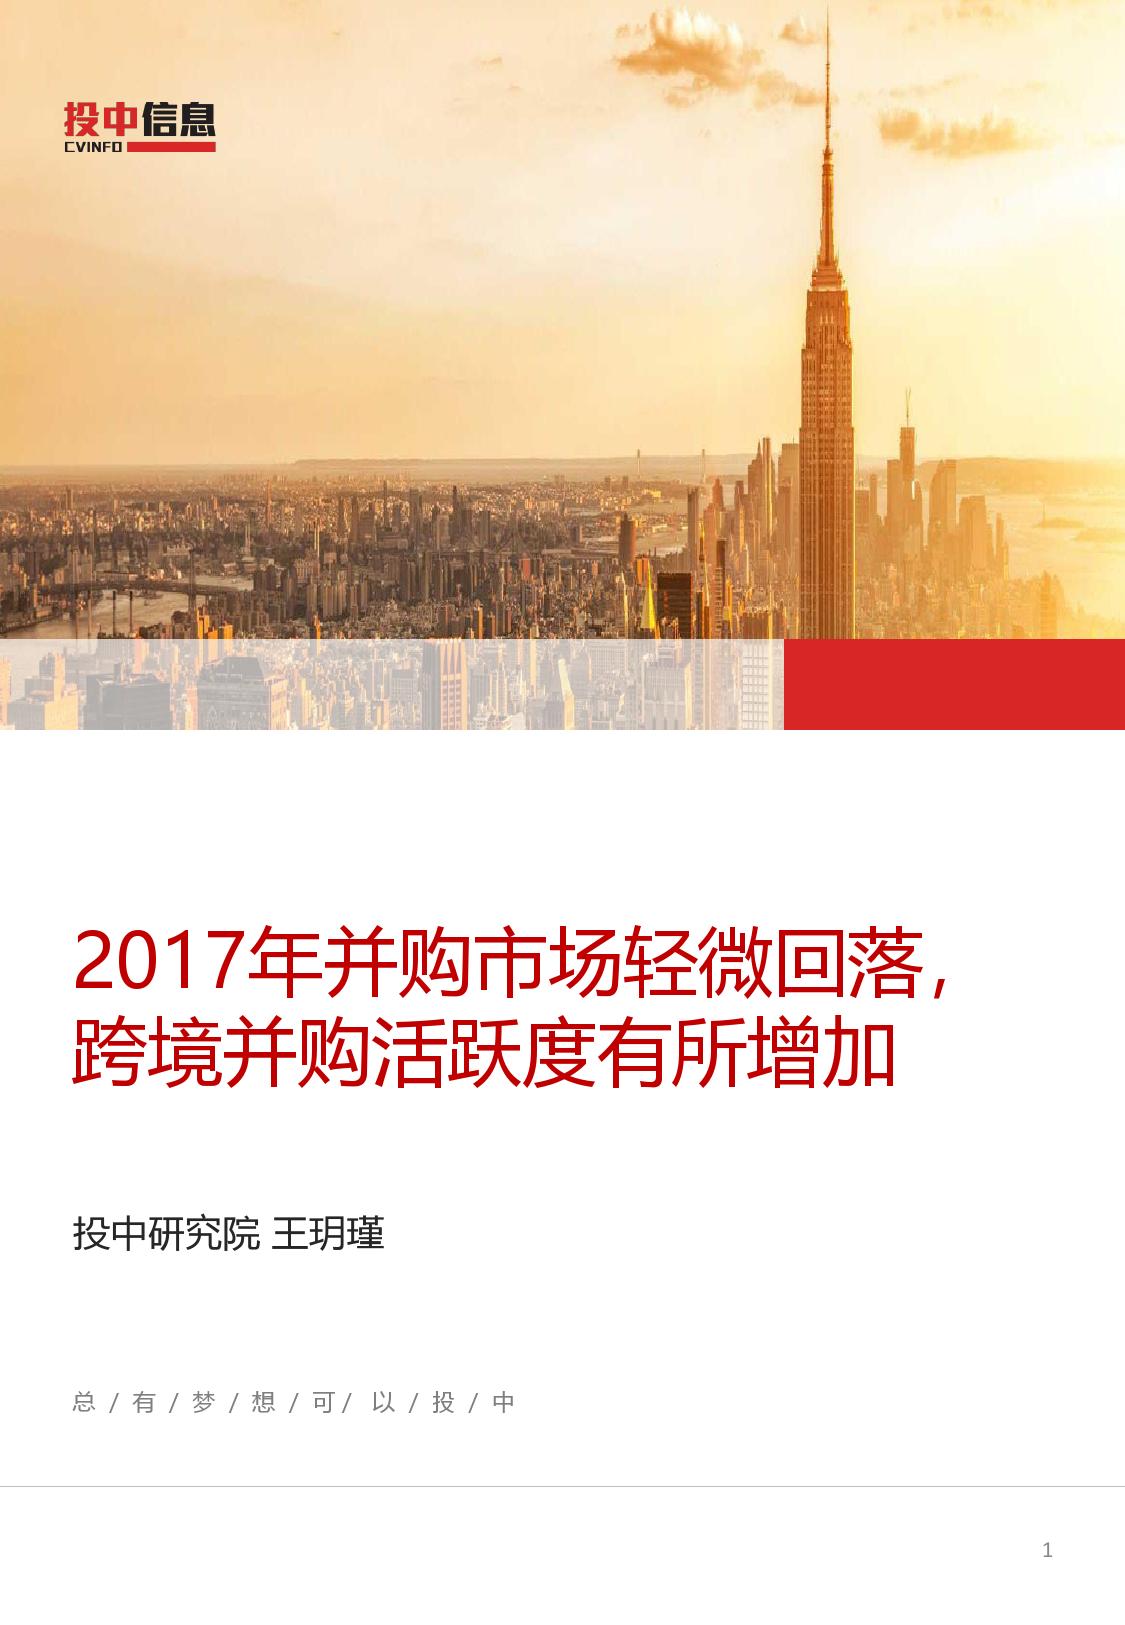 2017年并购市场轻微回落:跨境并购活跃度有所增加(附下载)